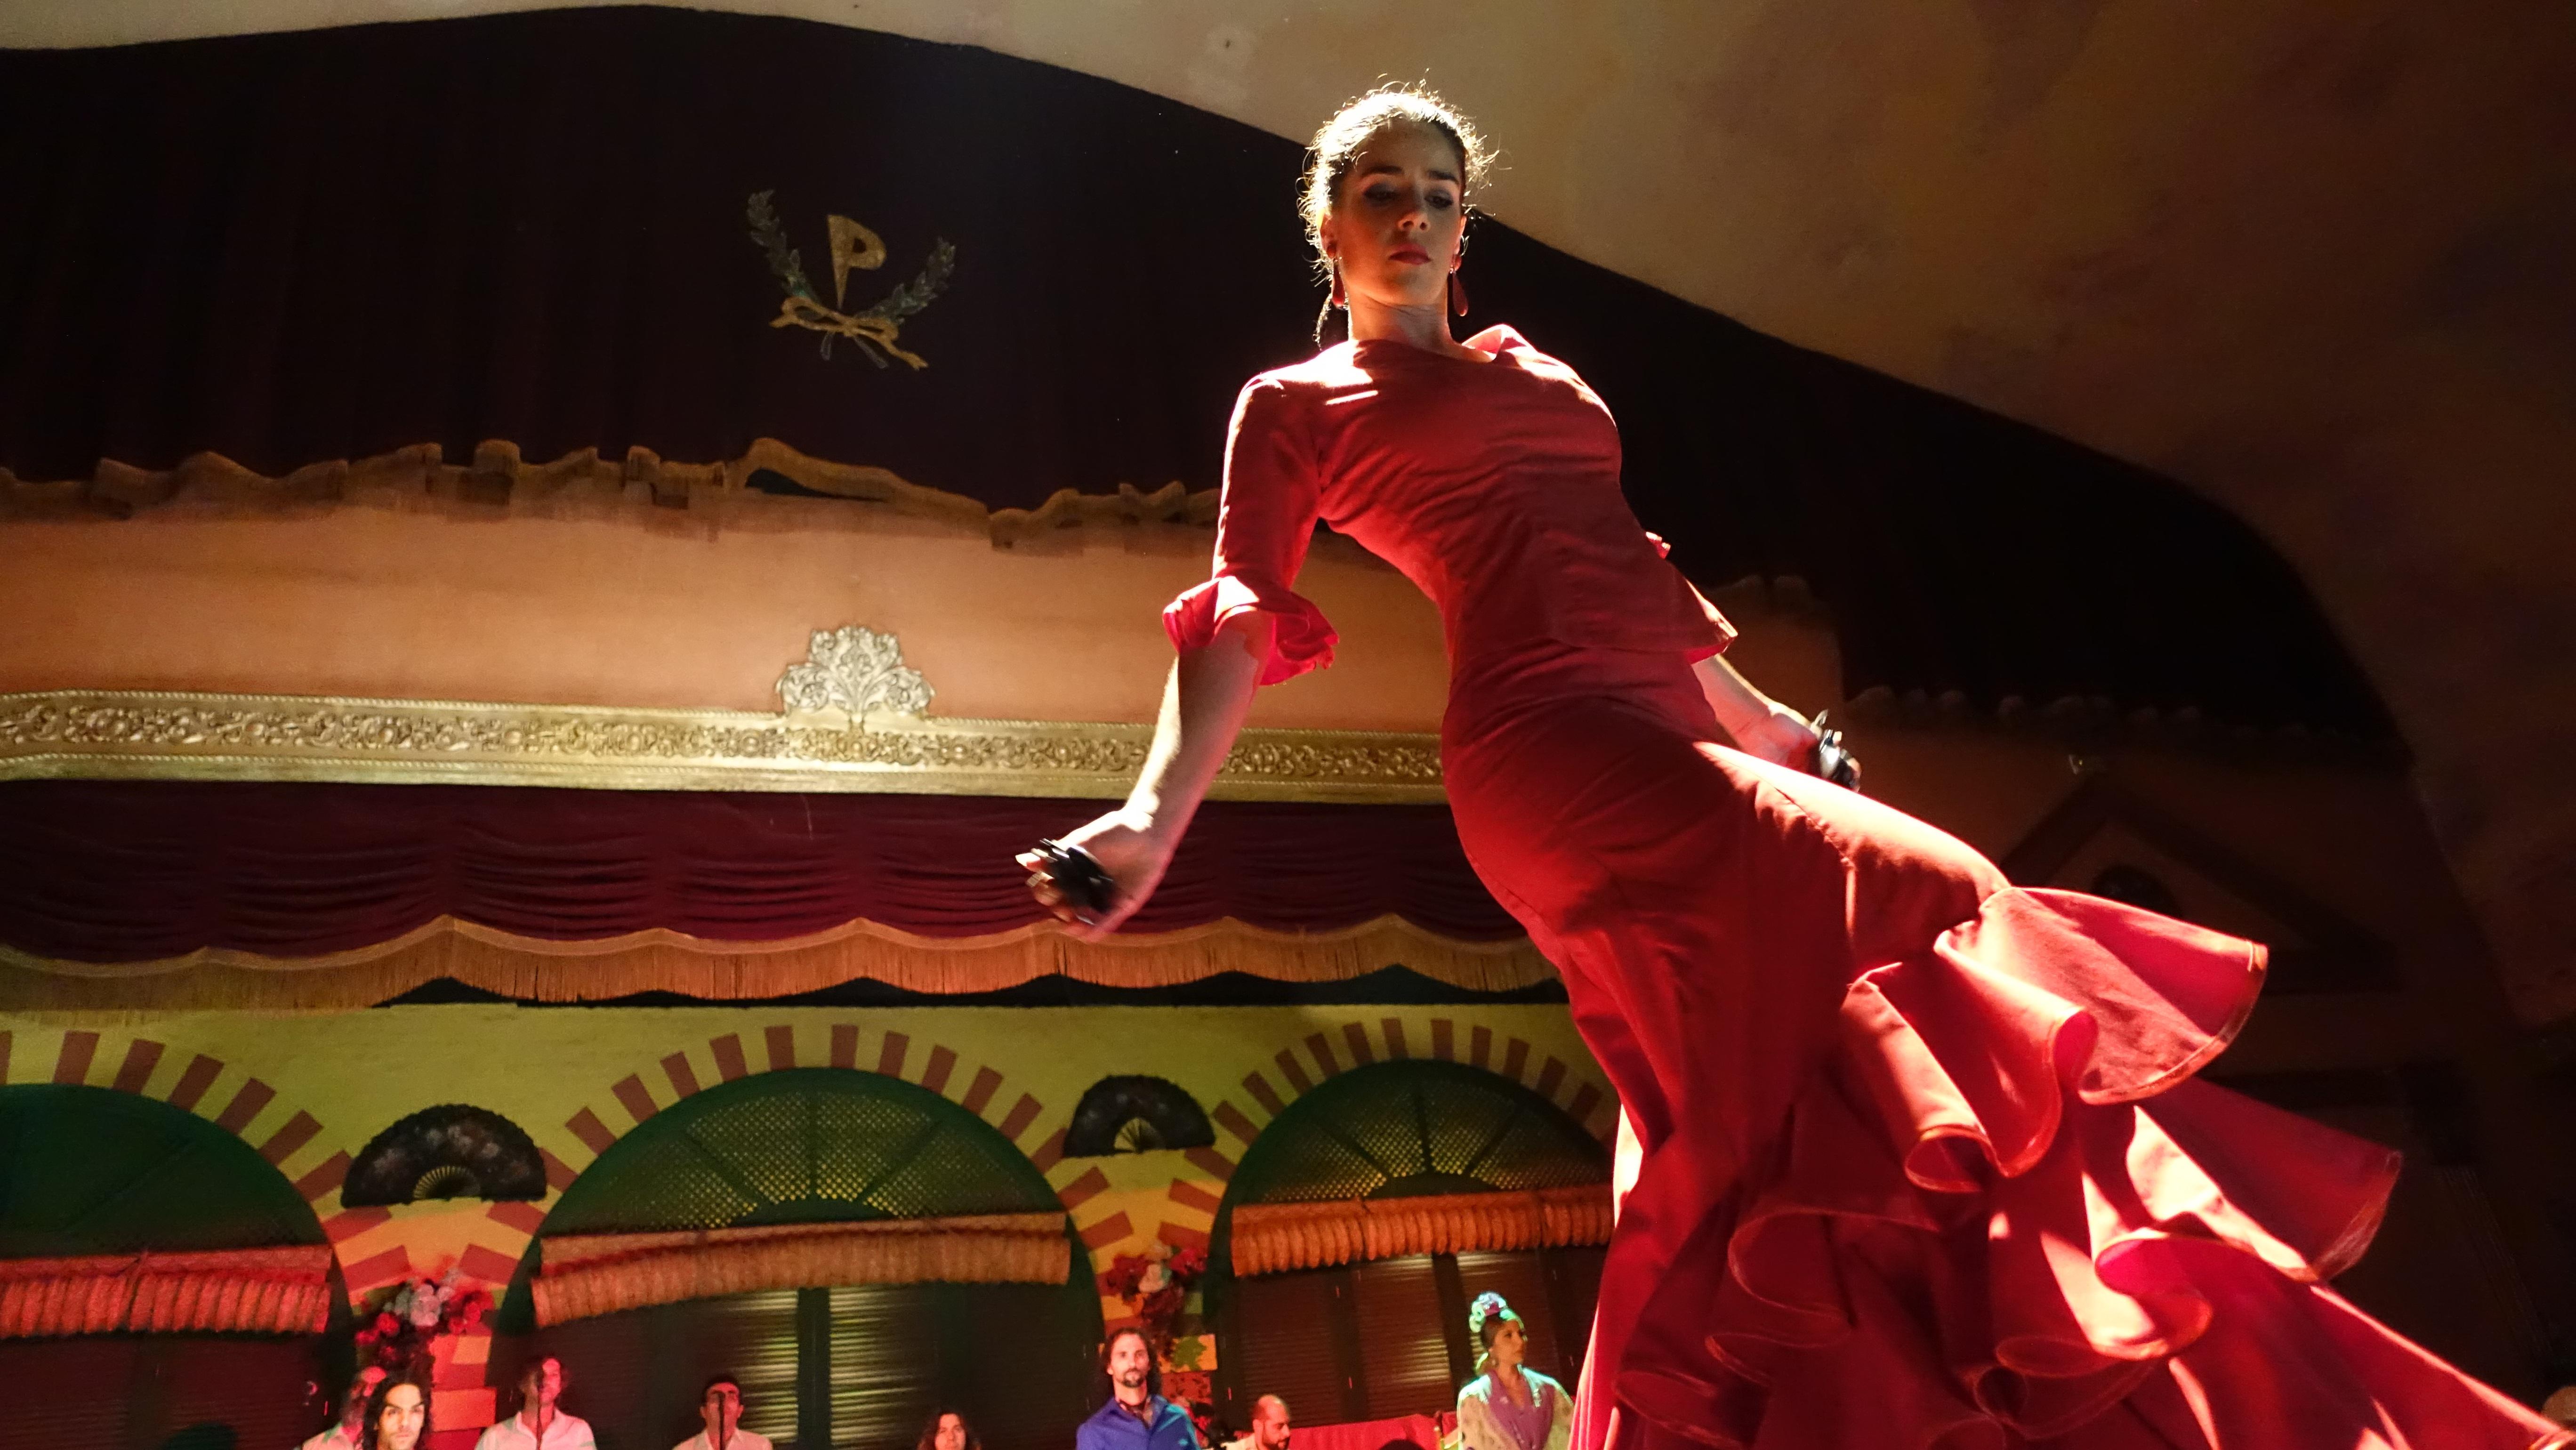 Flamenco dancer, Reasons To Visit Spain